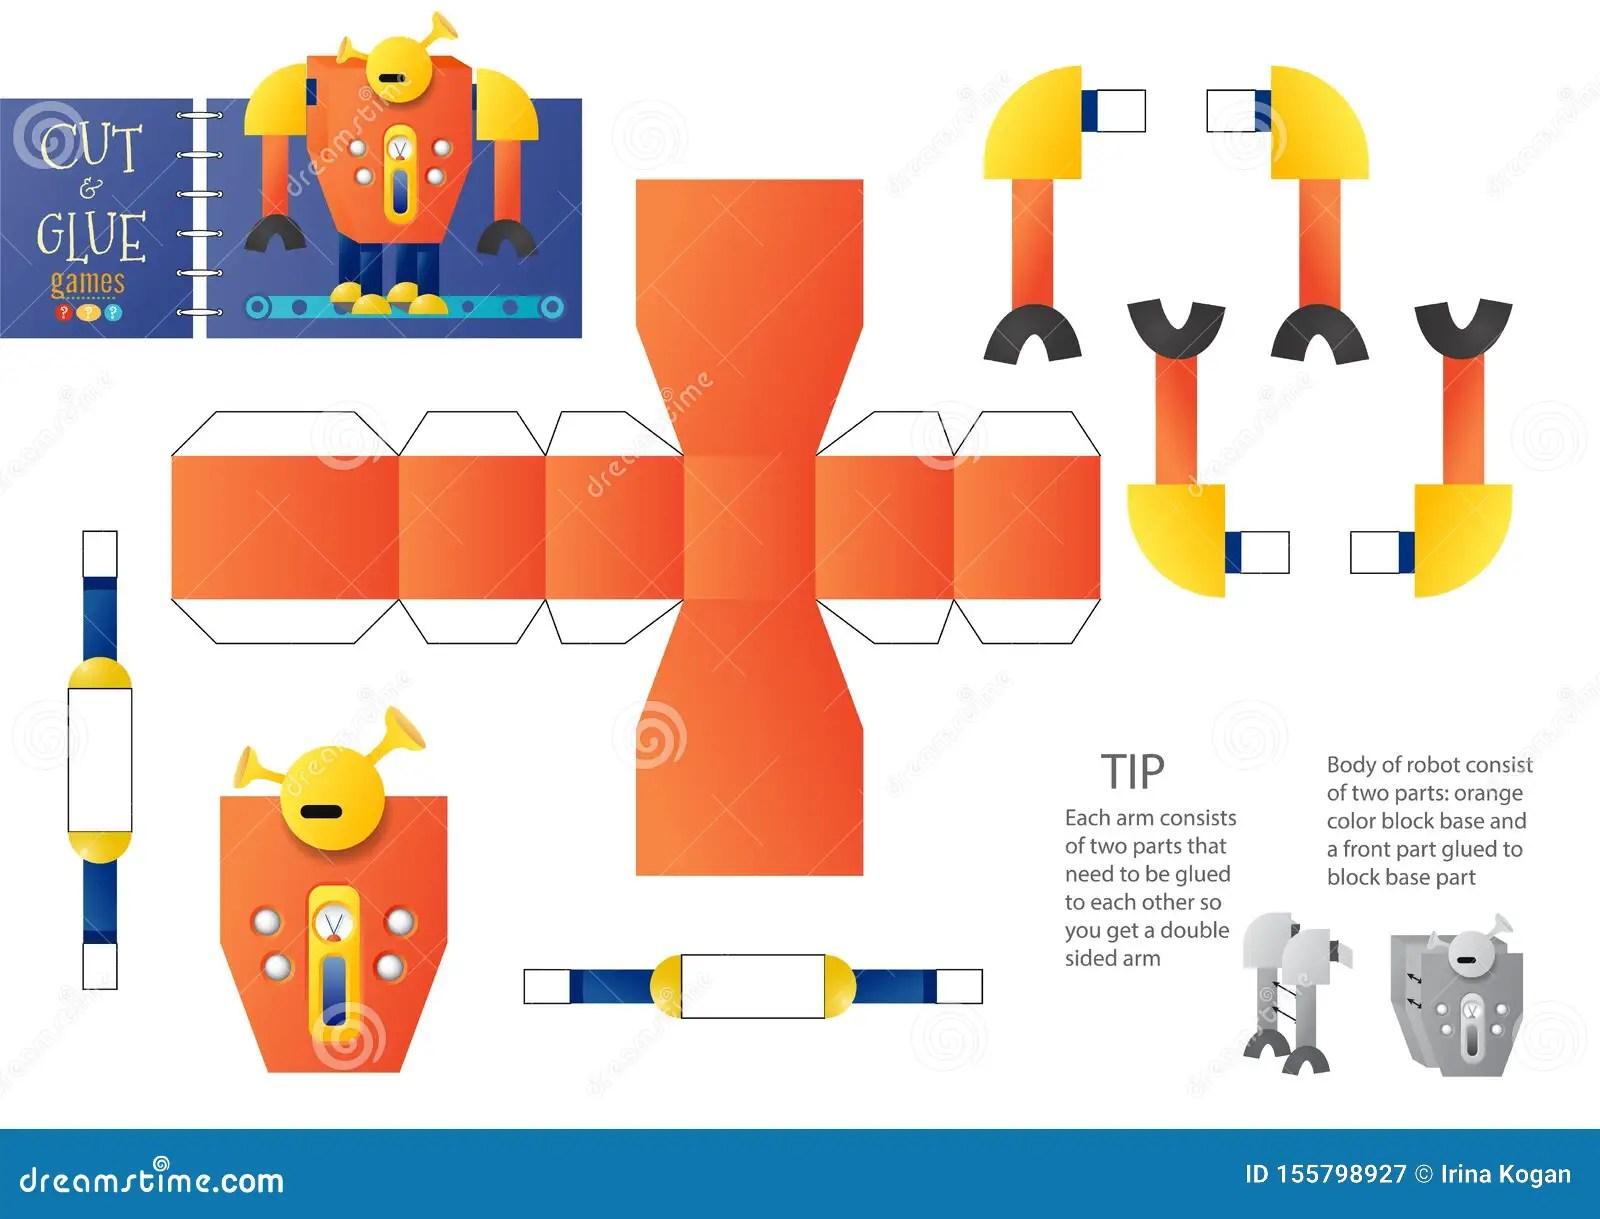 Design A Robot Worksheet